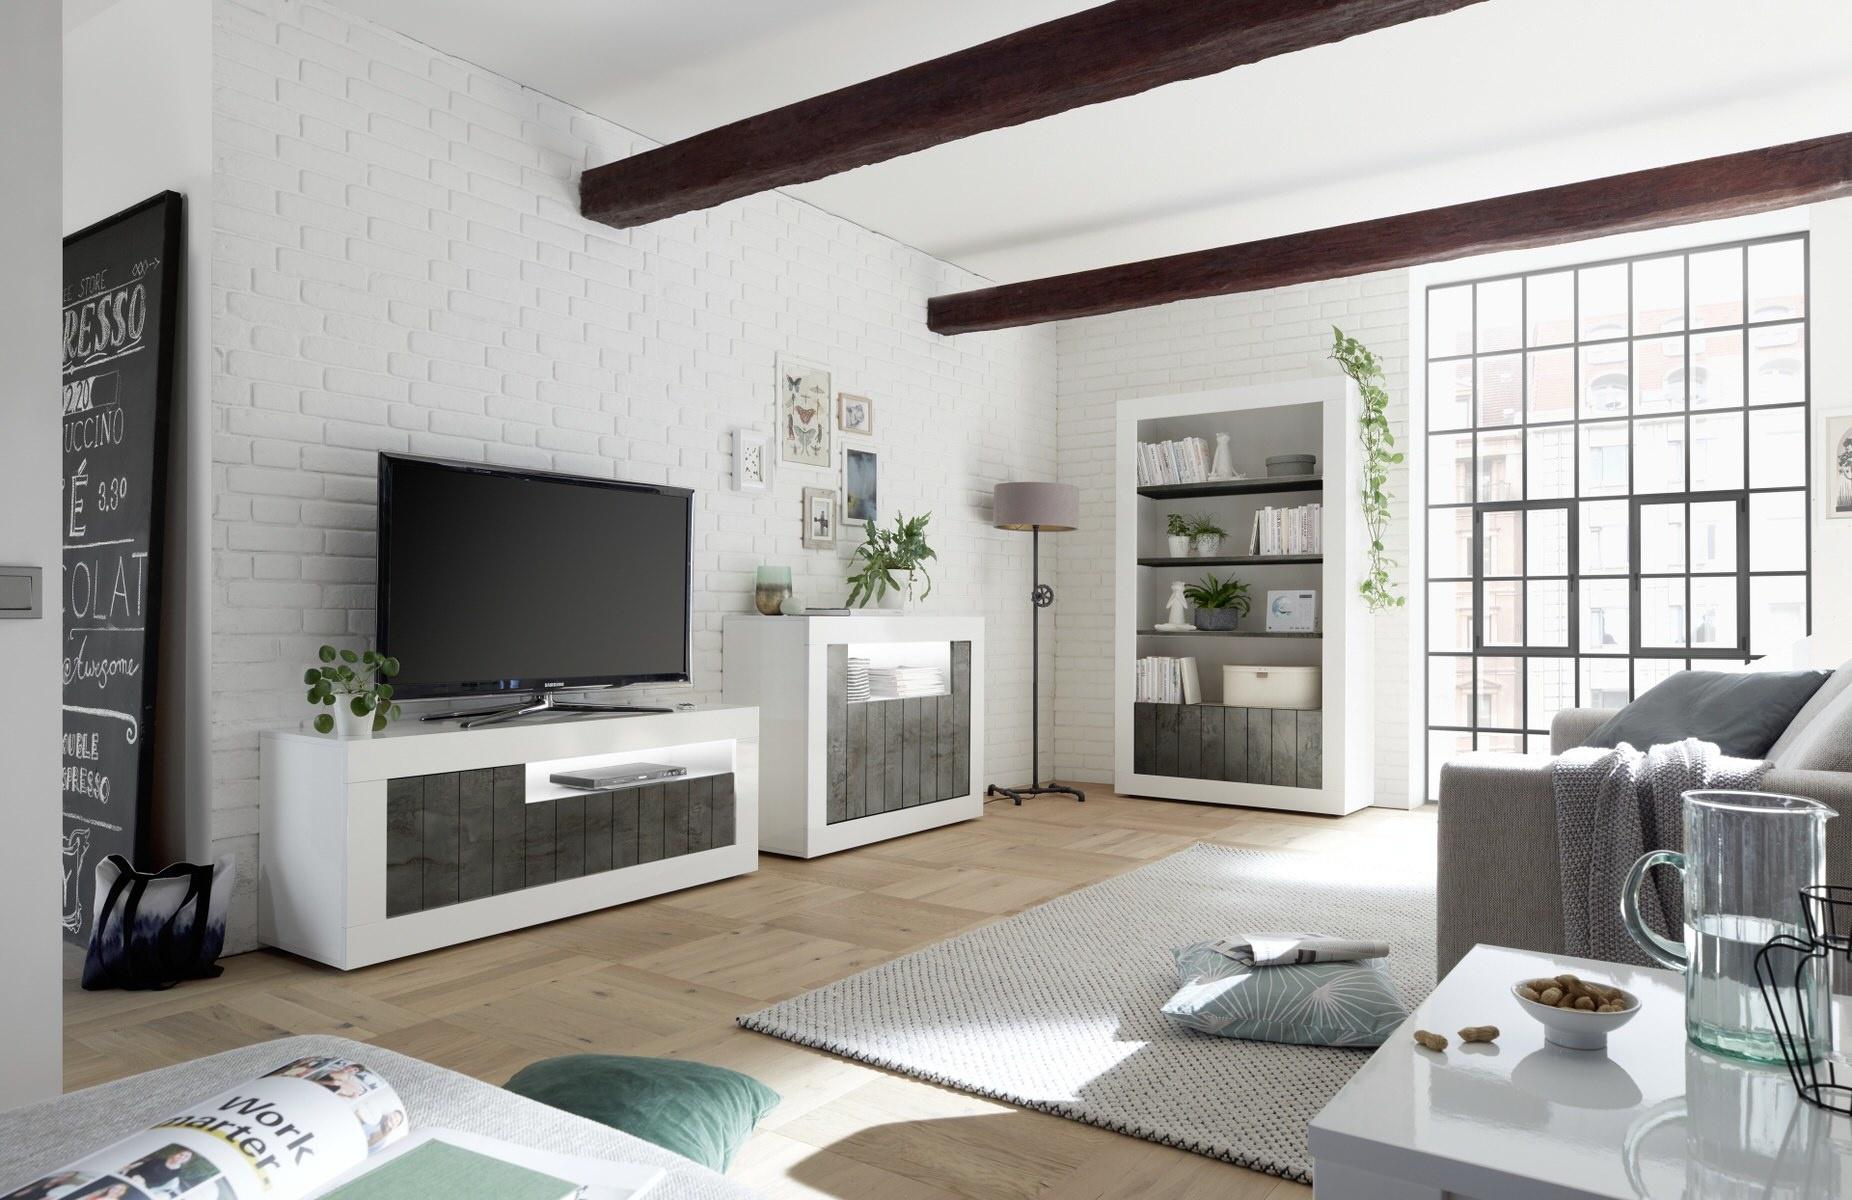 Benvenuto Design Urbino Set - Furnea